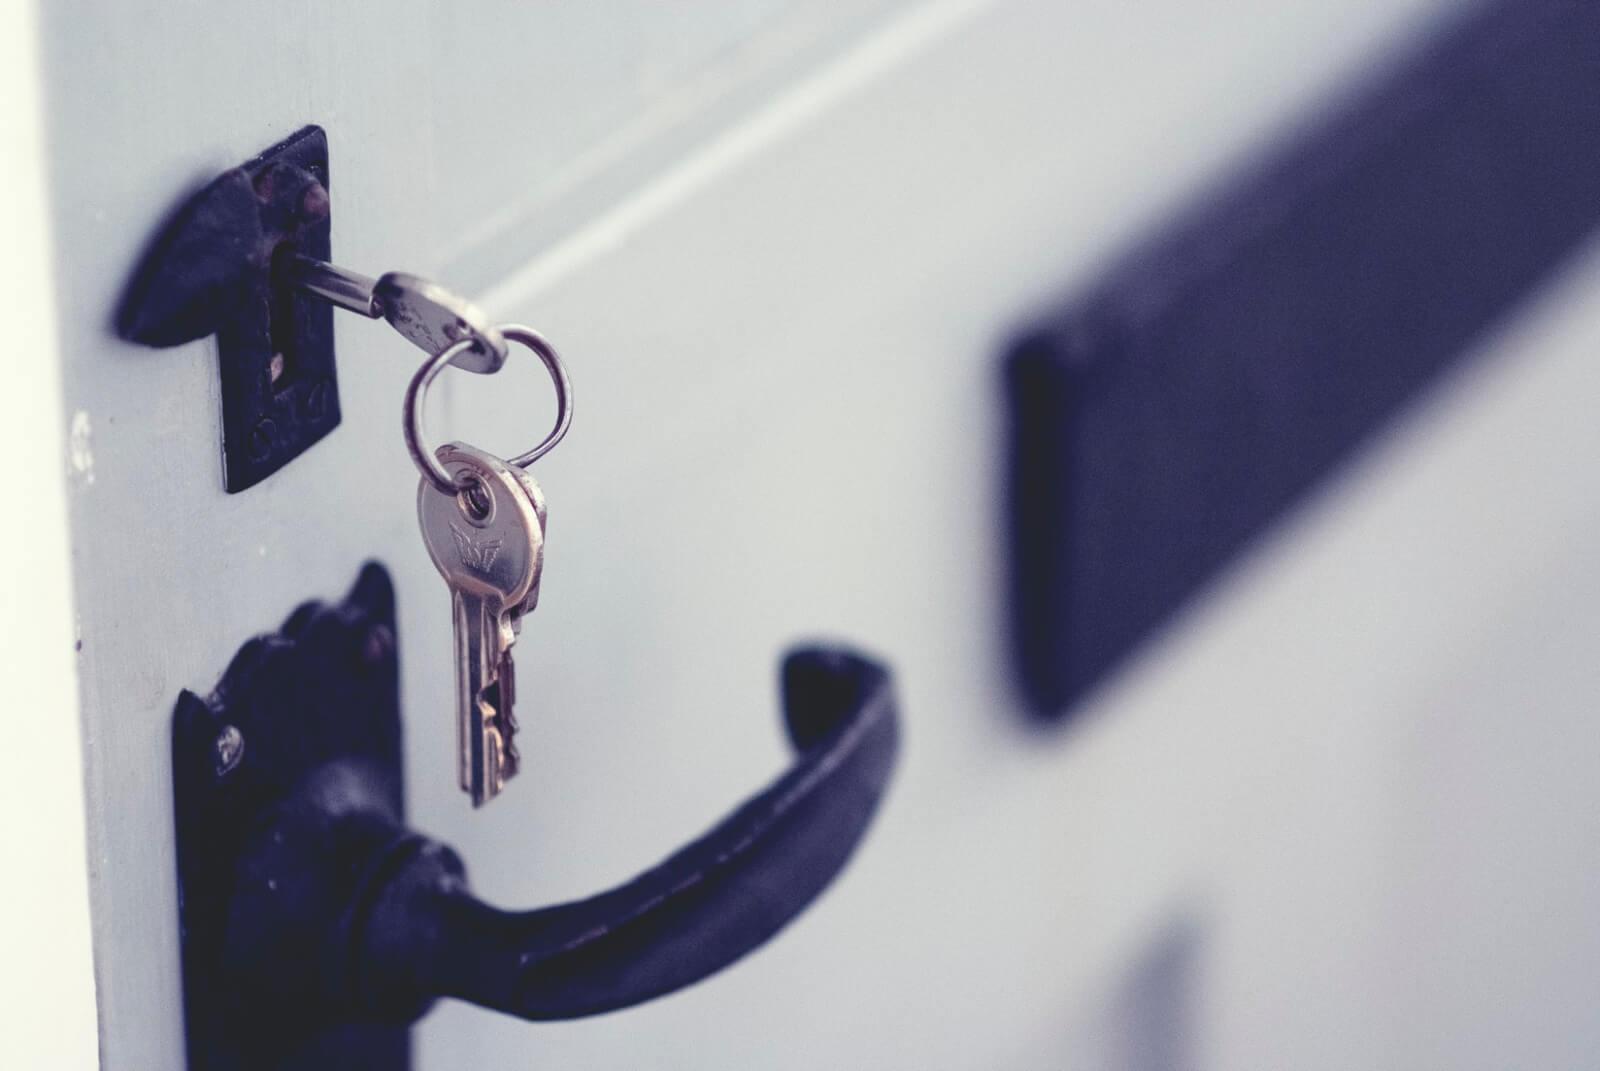 ¡Me he dejado las llaves en casa! ¿Qué puedo hacer?